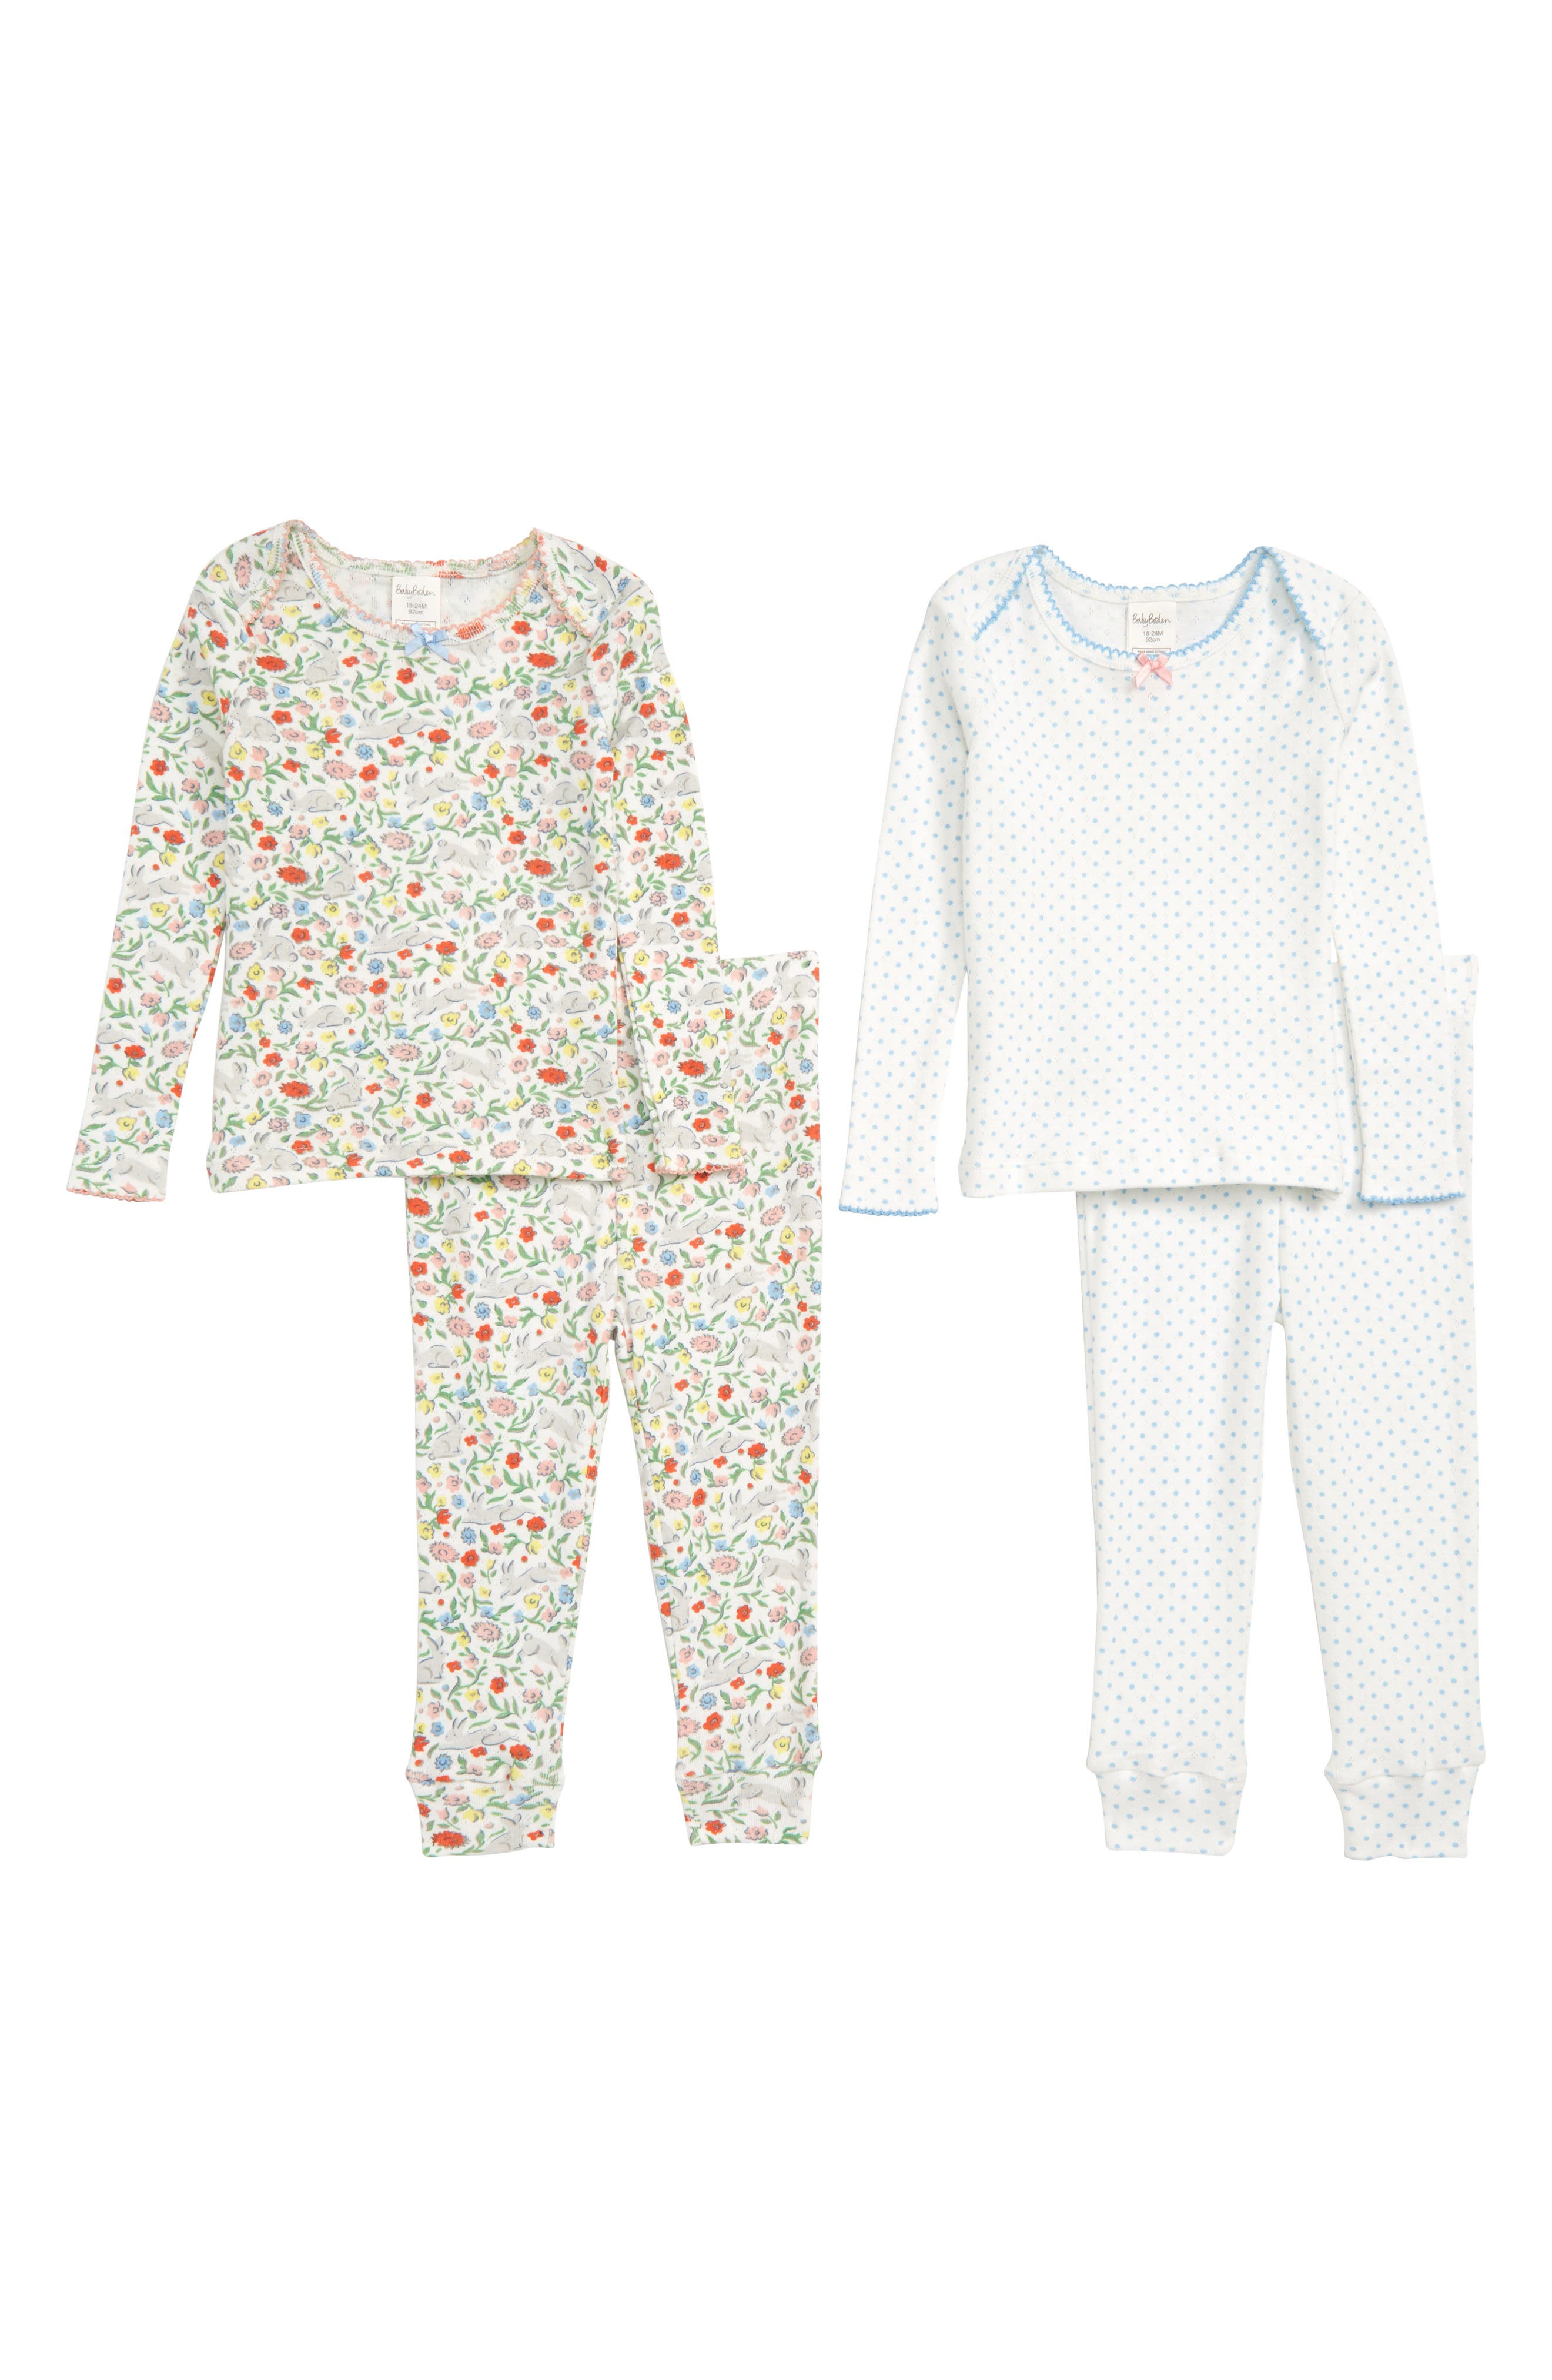 Cozy Pointelle Tops & Pants Set, Main, color, WILD BUNNIES